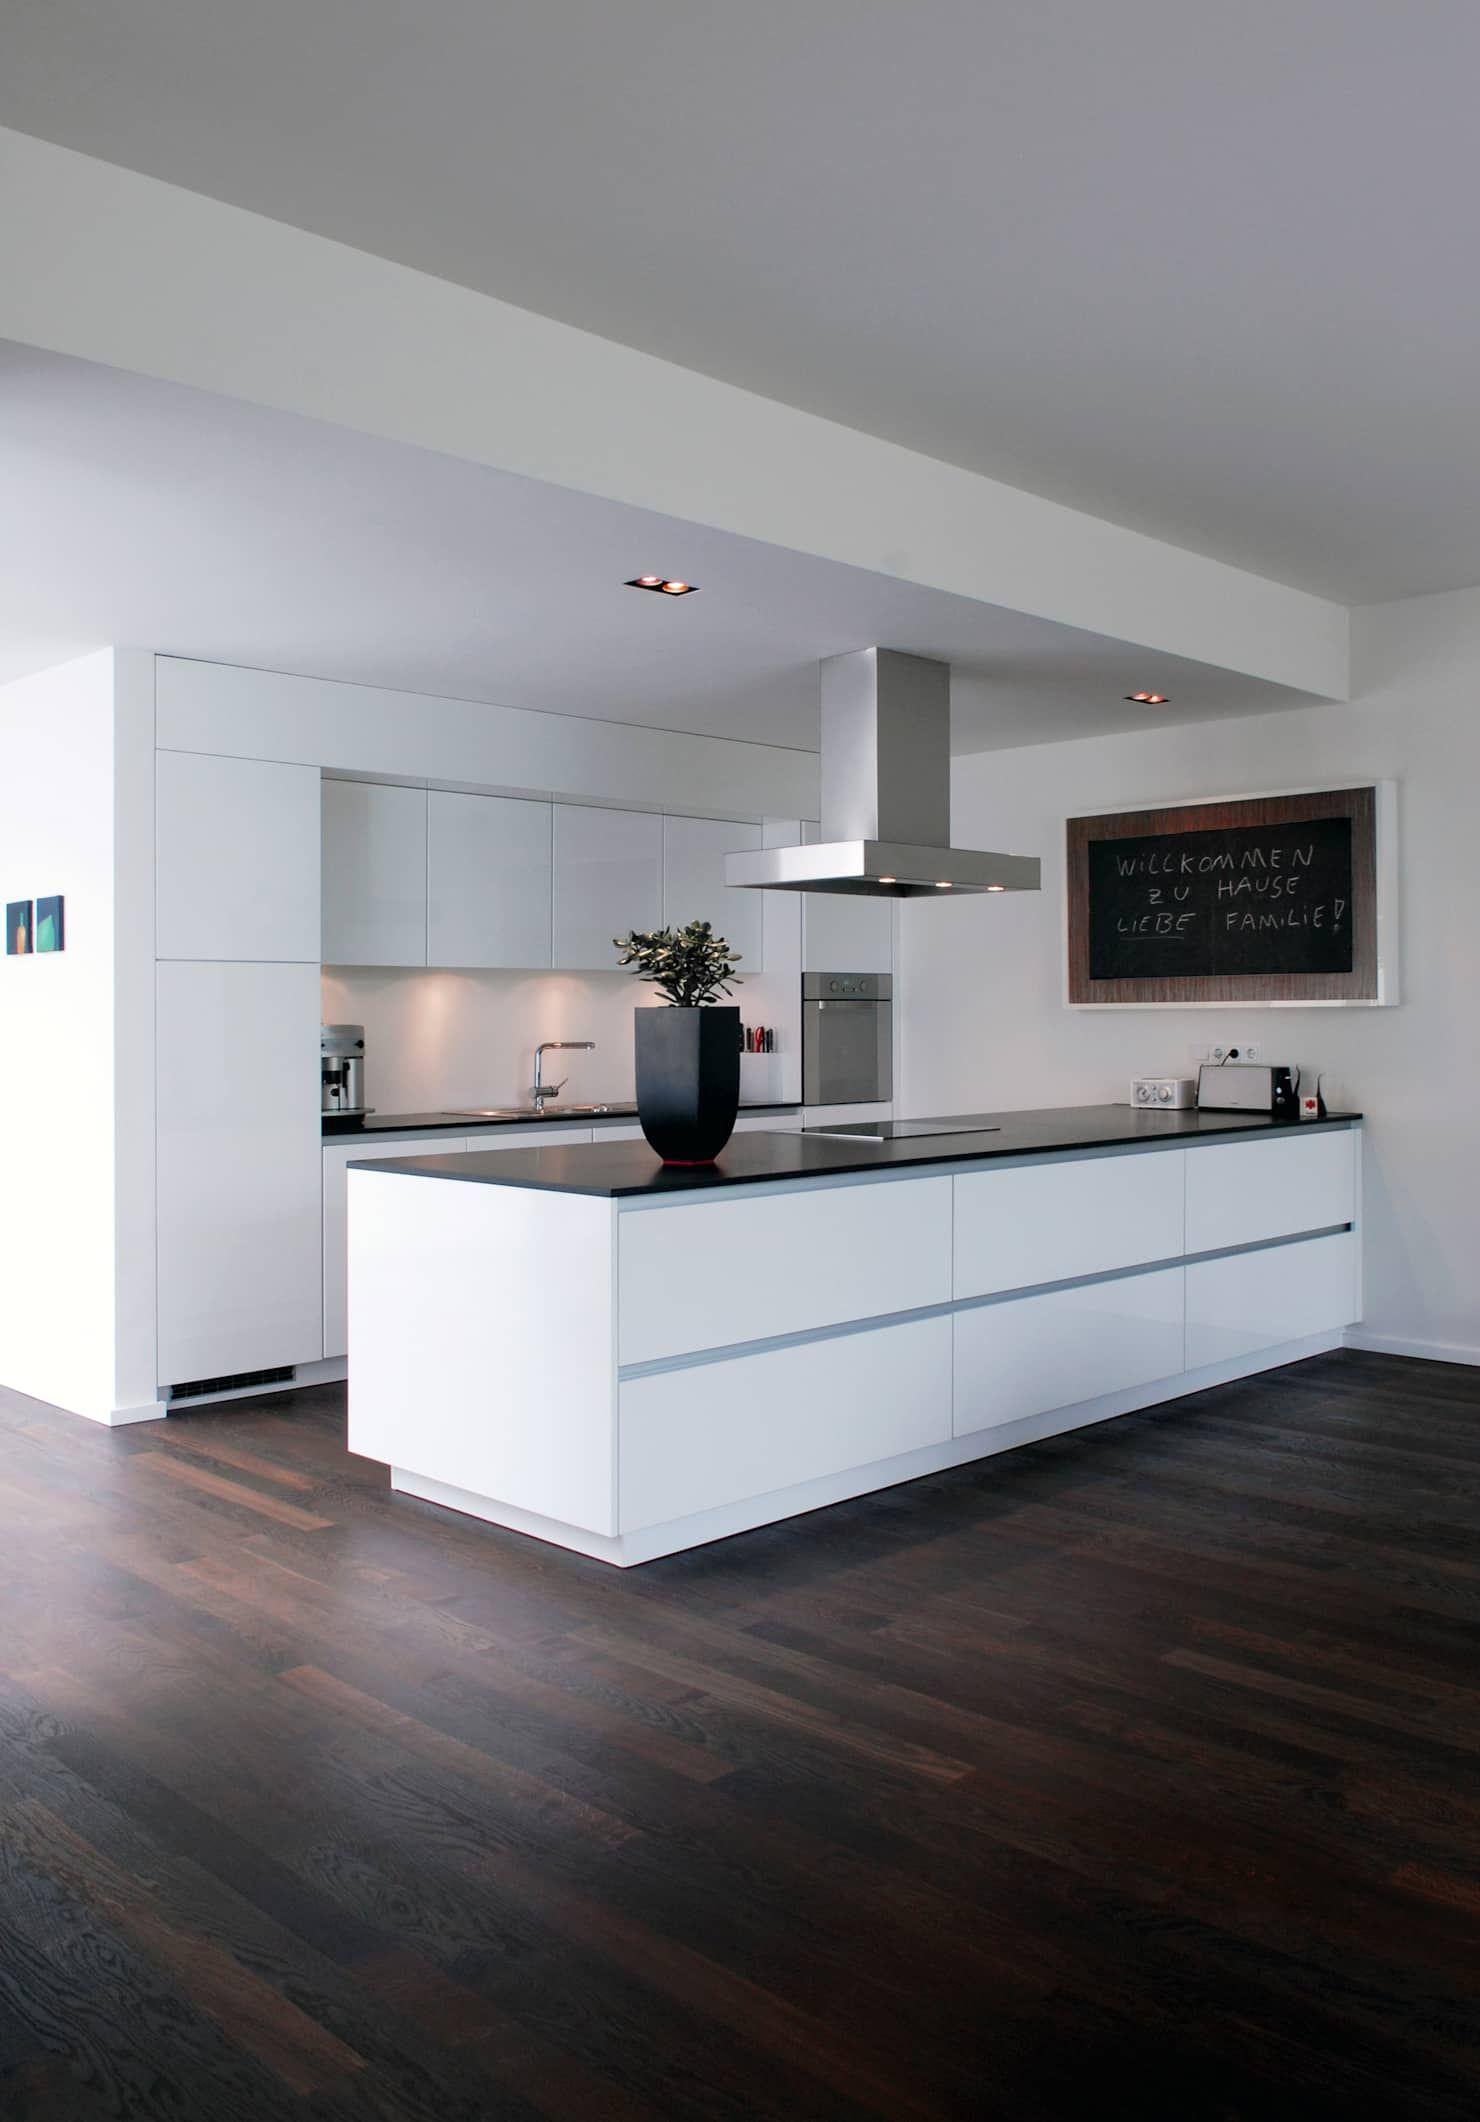 Wohnhaus bonn: küche von corneille uedingslohmann architekten #ideisuper